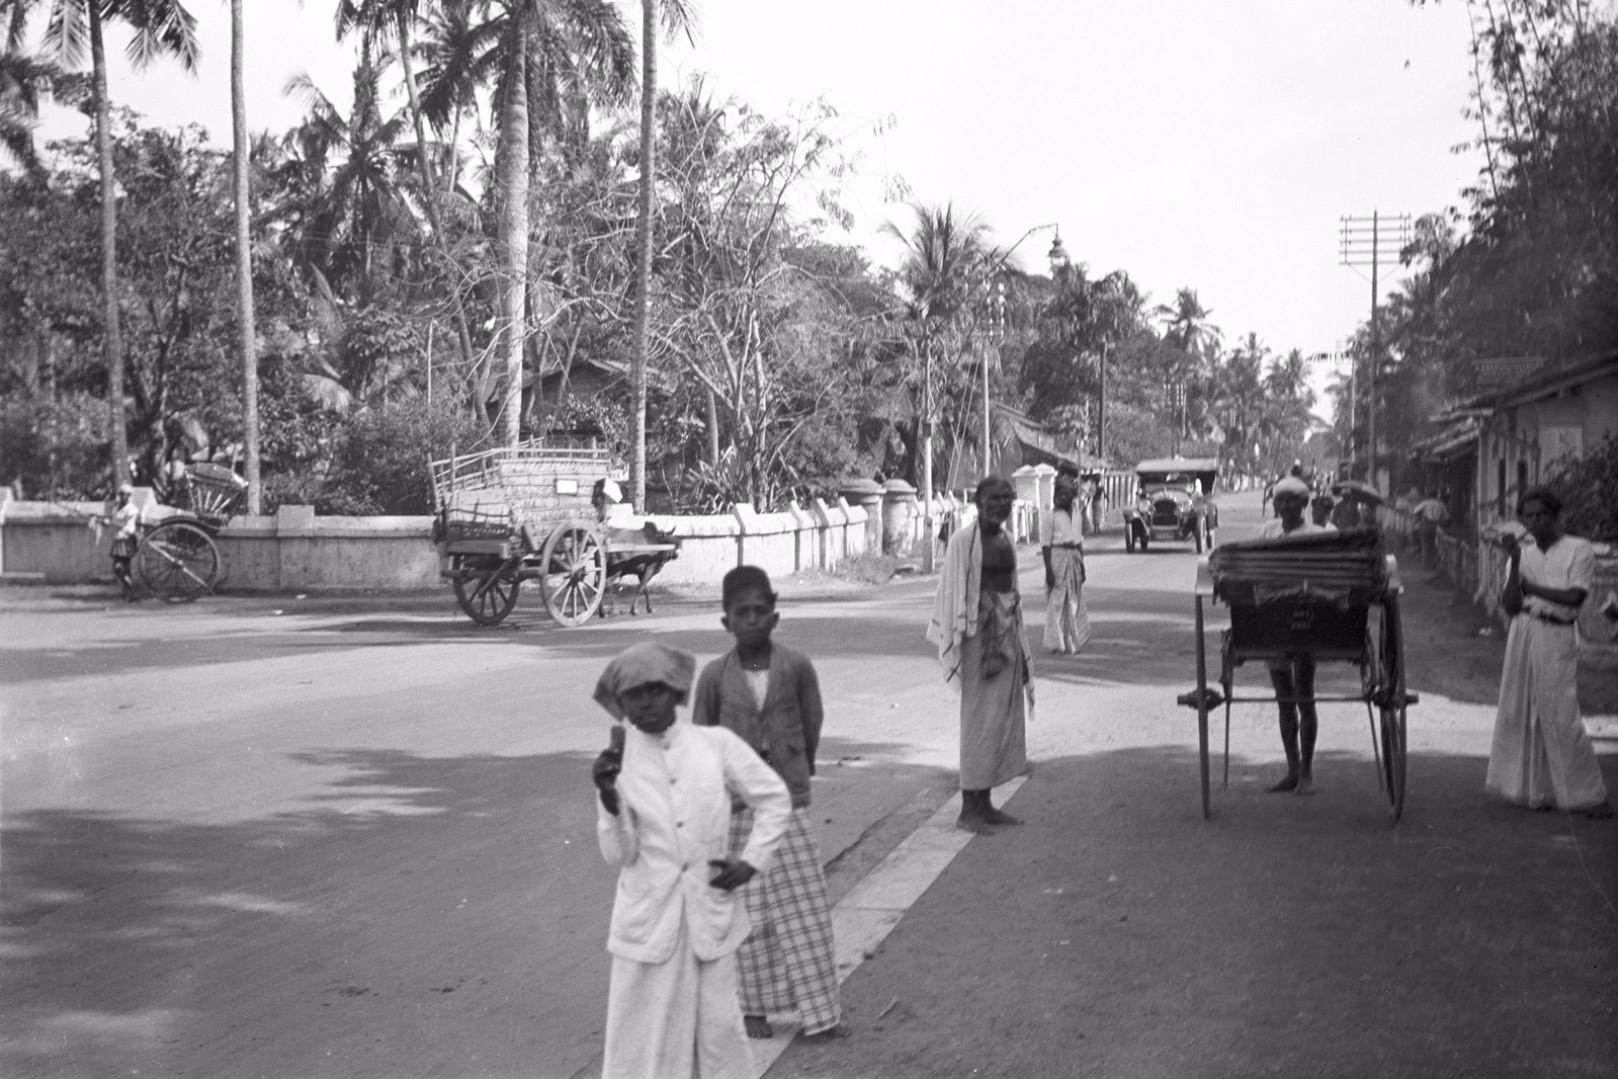 247. Оживленная улица в Бамбалапитии